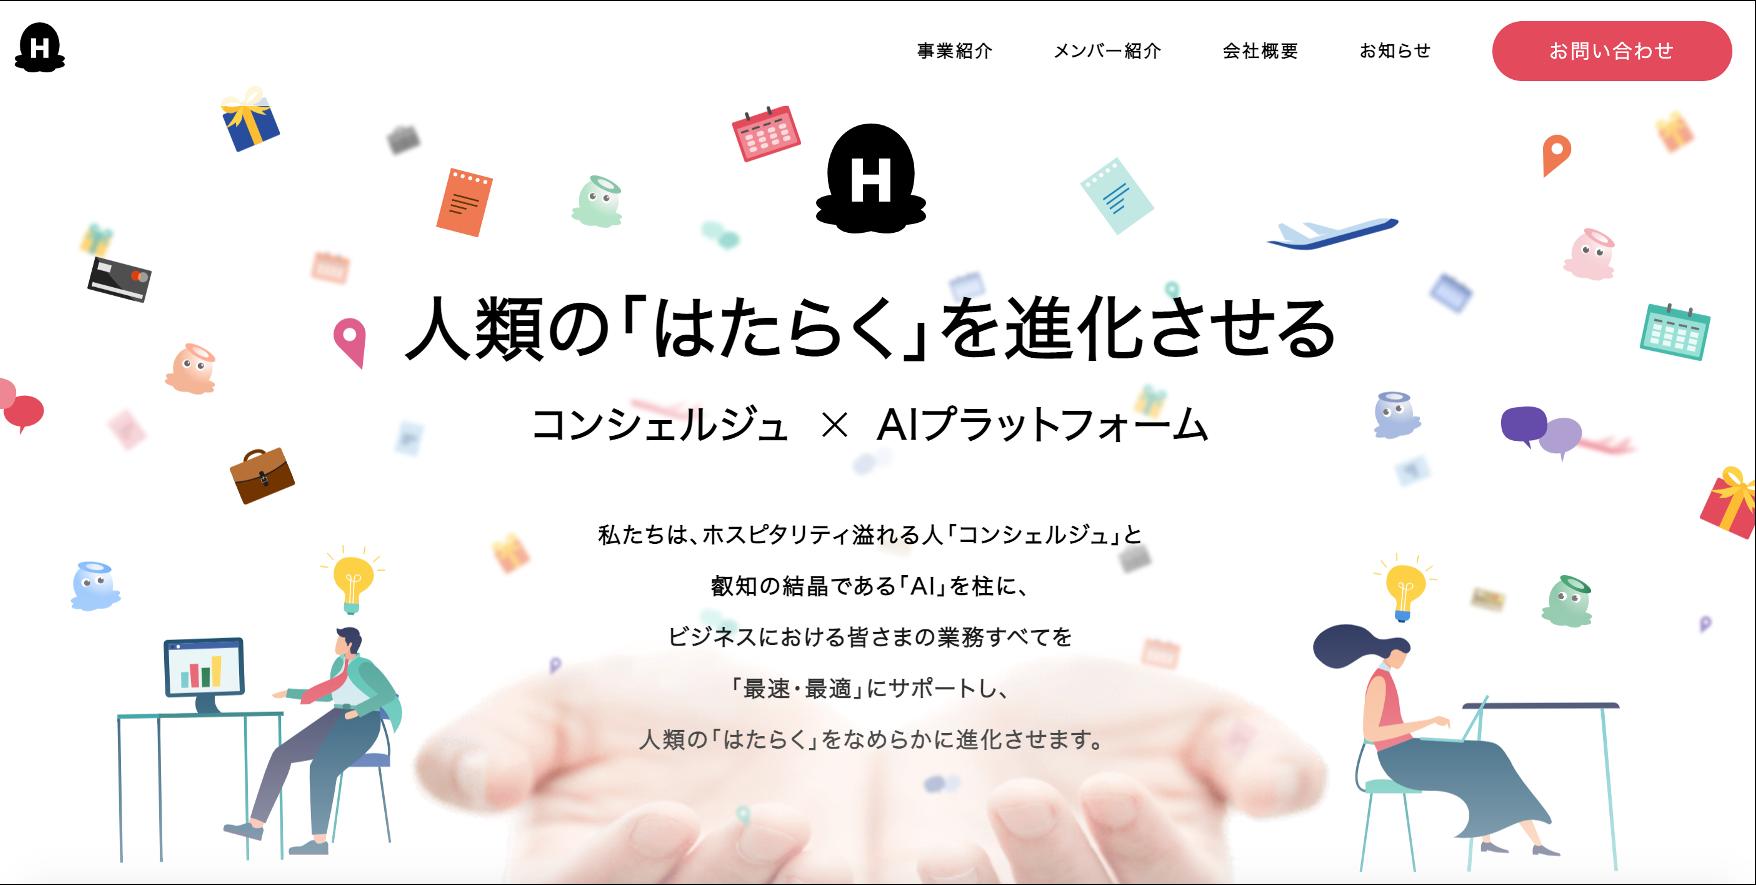 株式会社エイチがコーポレートサイトをオープン!ロゴを刷新!積極採用中!